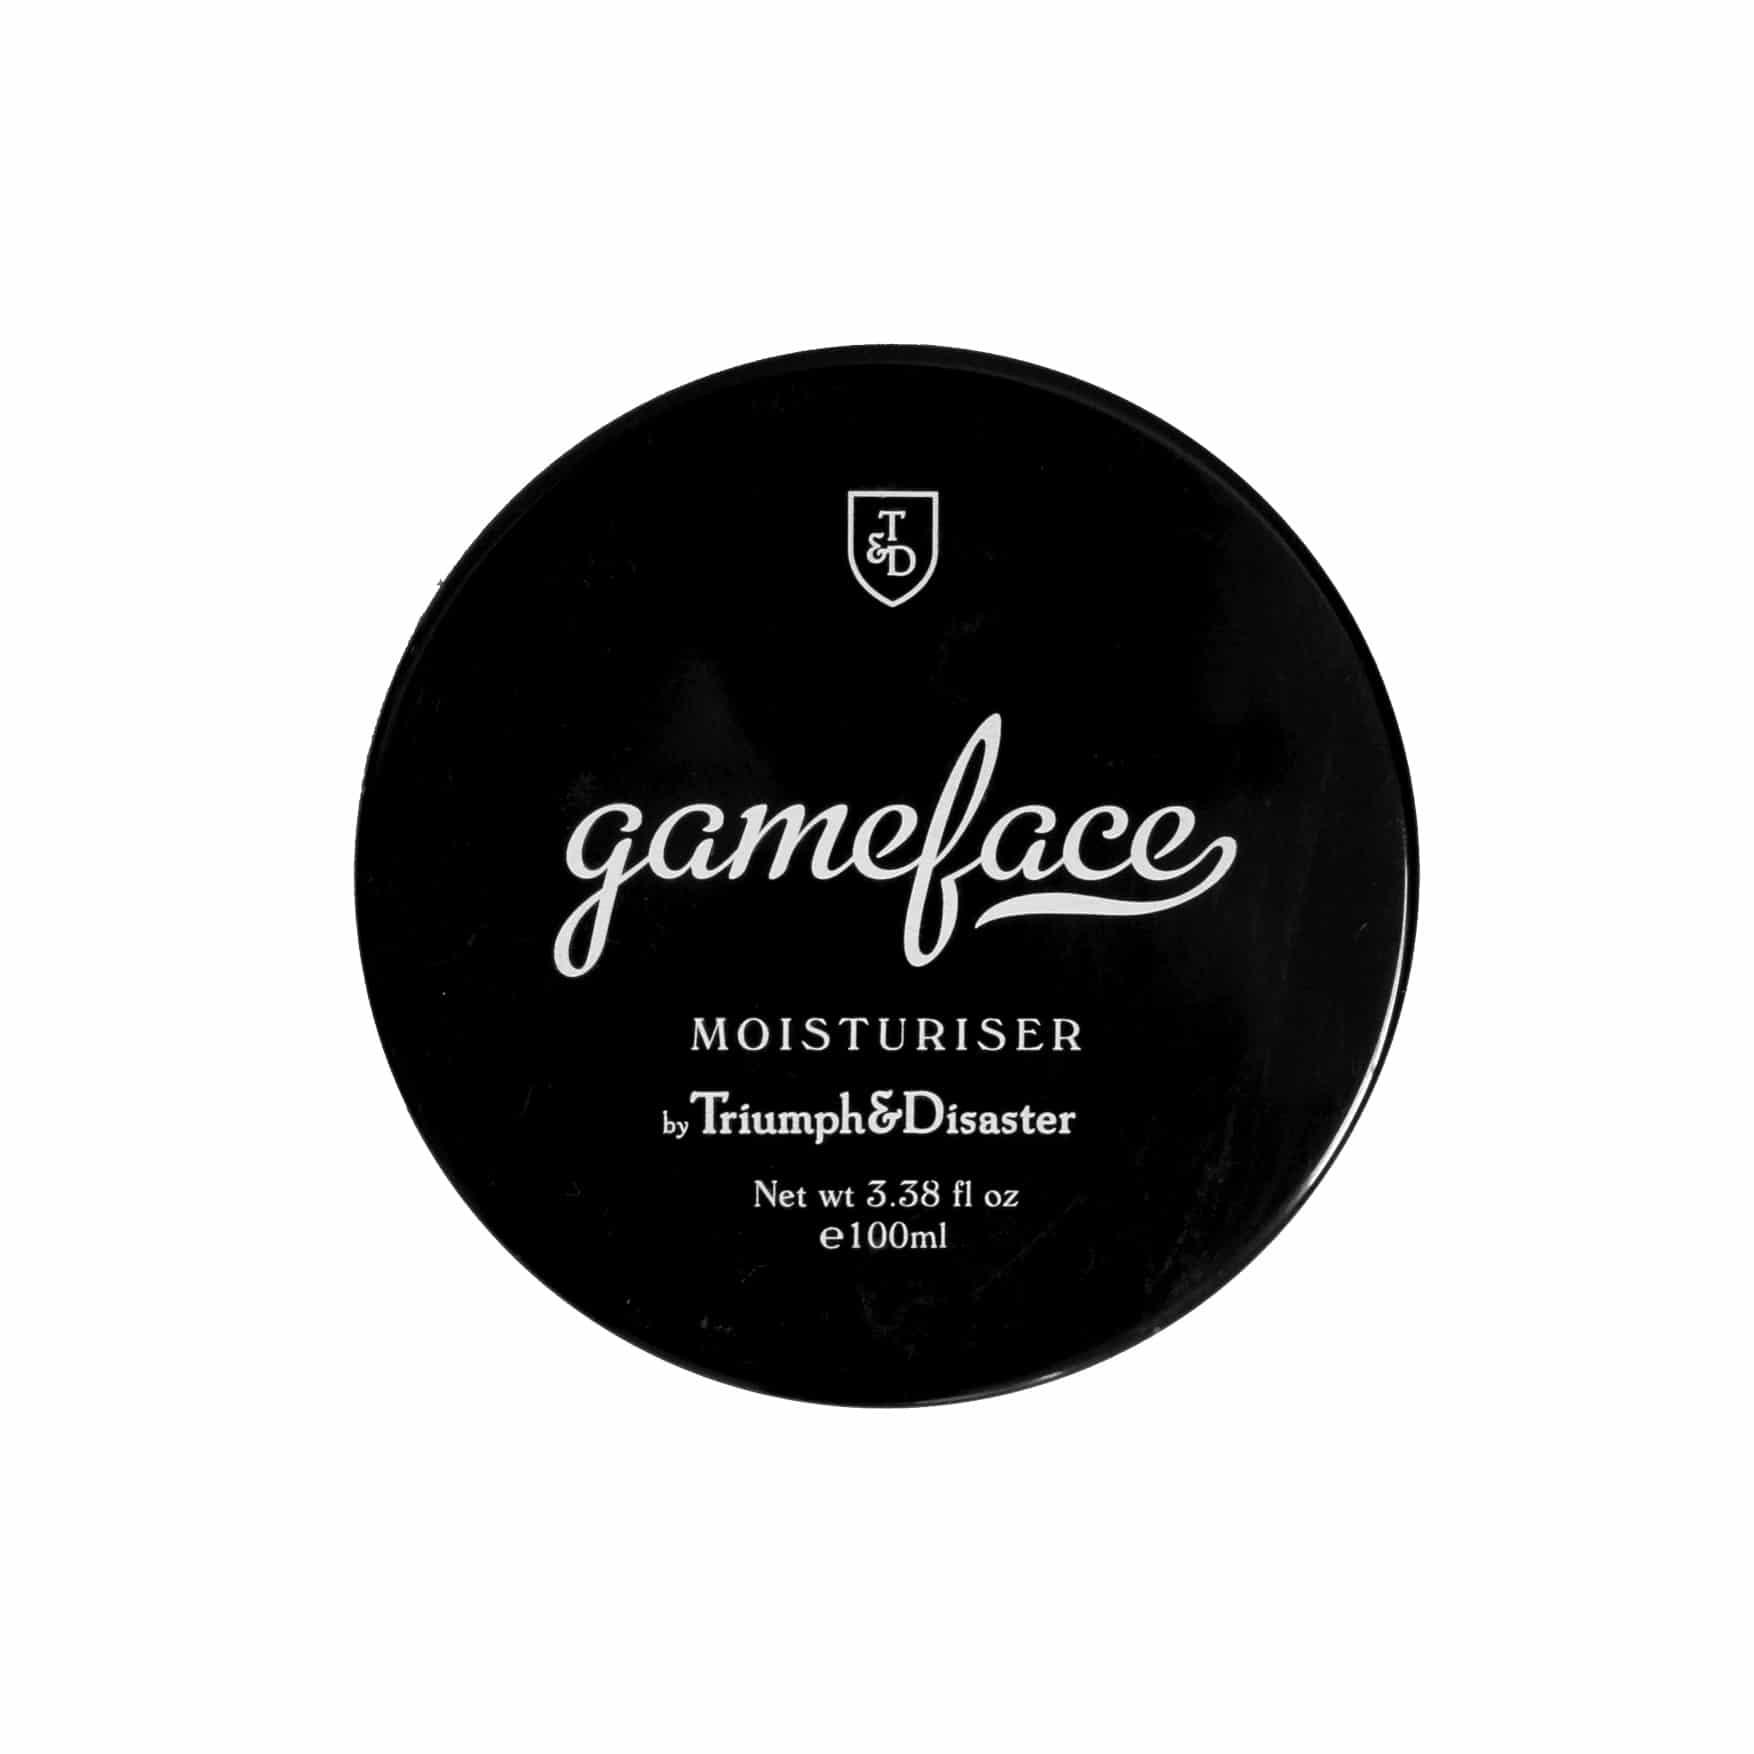 Gameface Moisturiser Jar